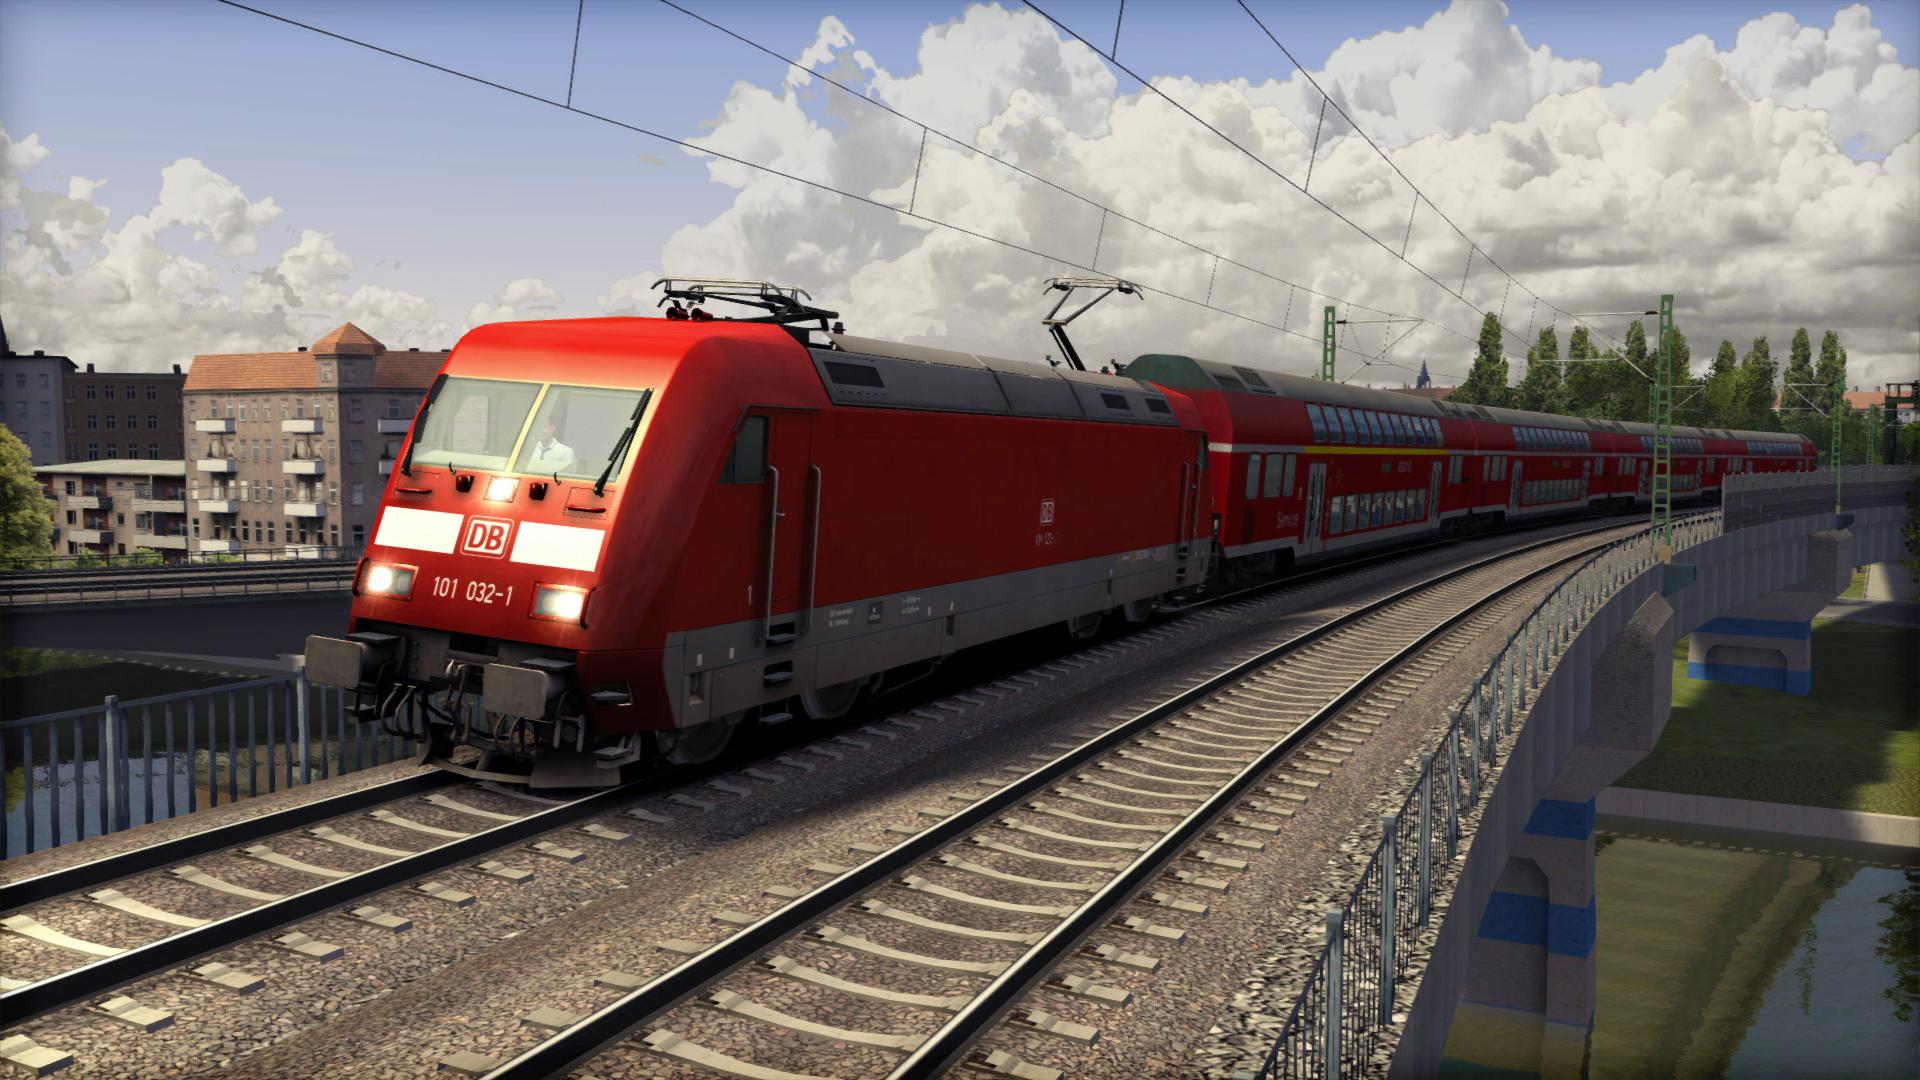 On n'a pas assez parlé de la Berlin - Leipzig, j'ai donc choisi cette ligne pour la photo de transition.